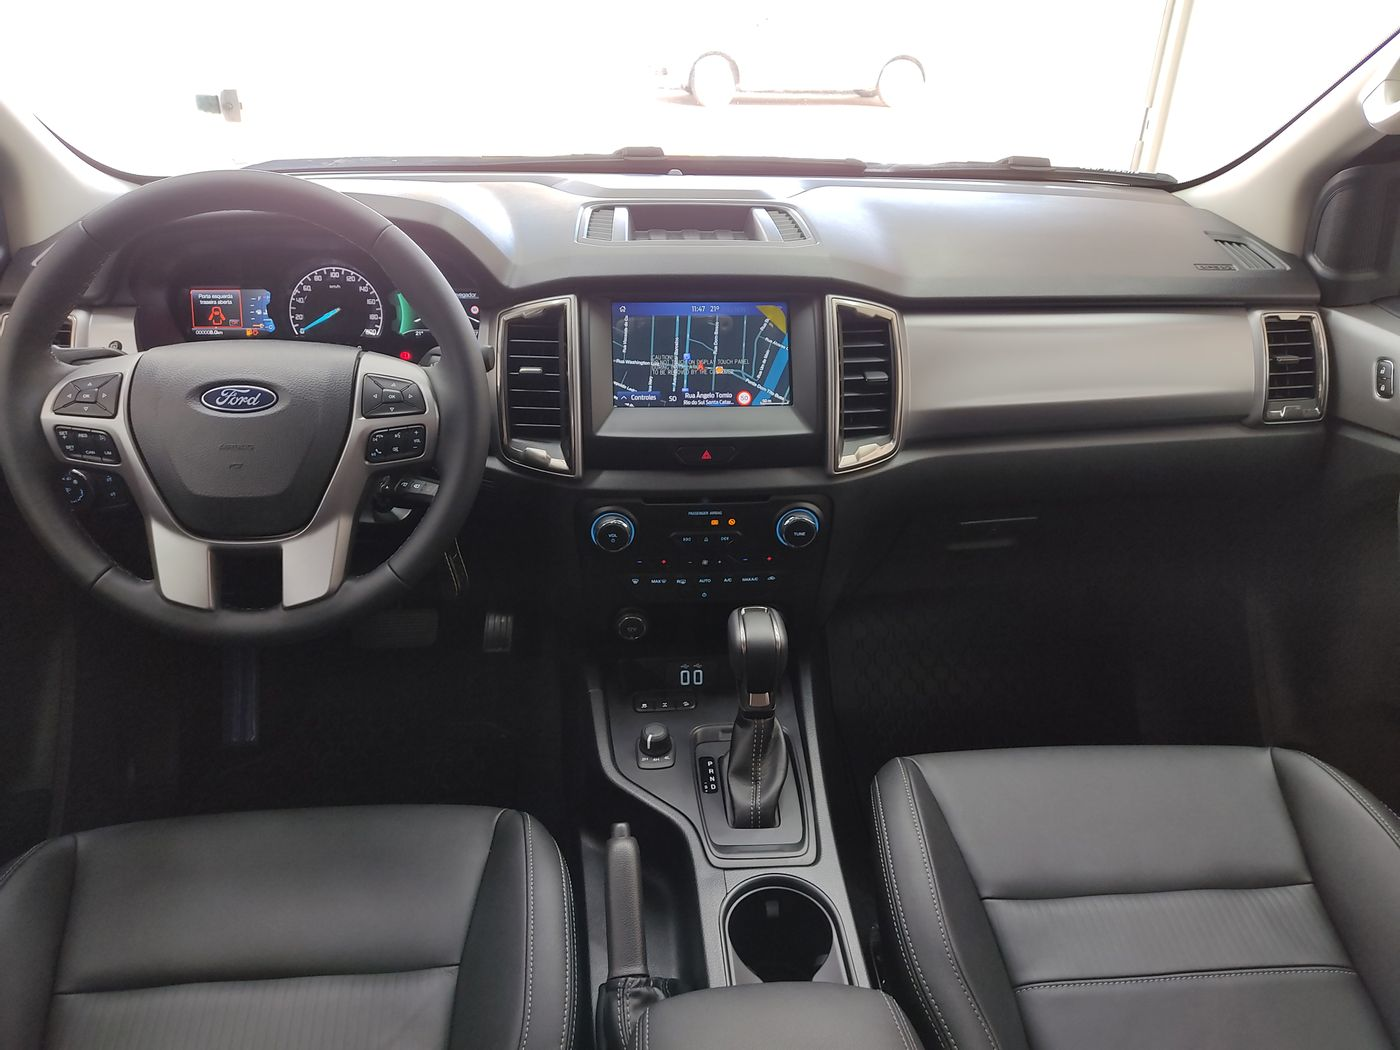 Ford Ranger XLT 3.2 20V 4x4 CD Diesel Aut.